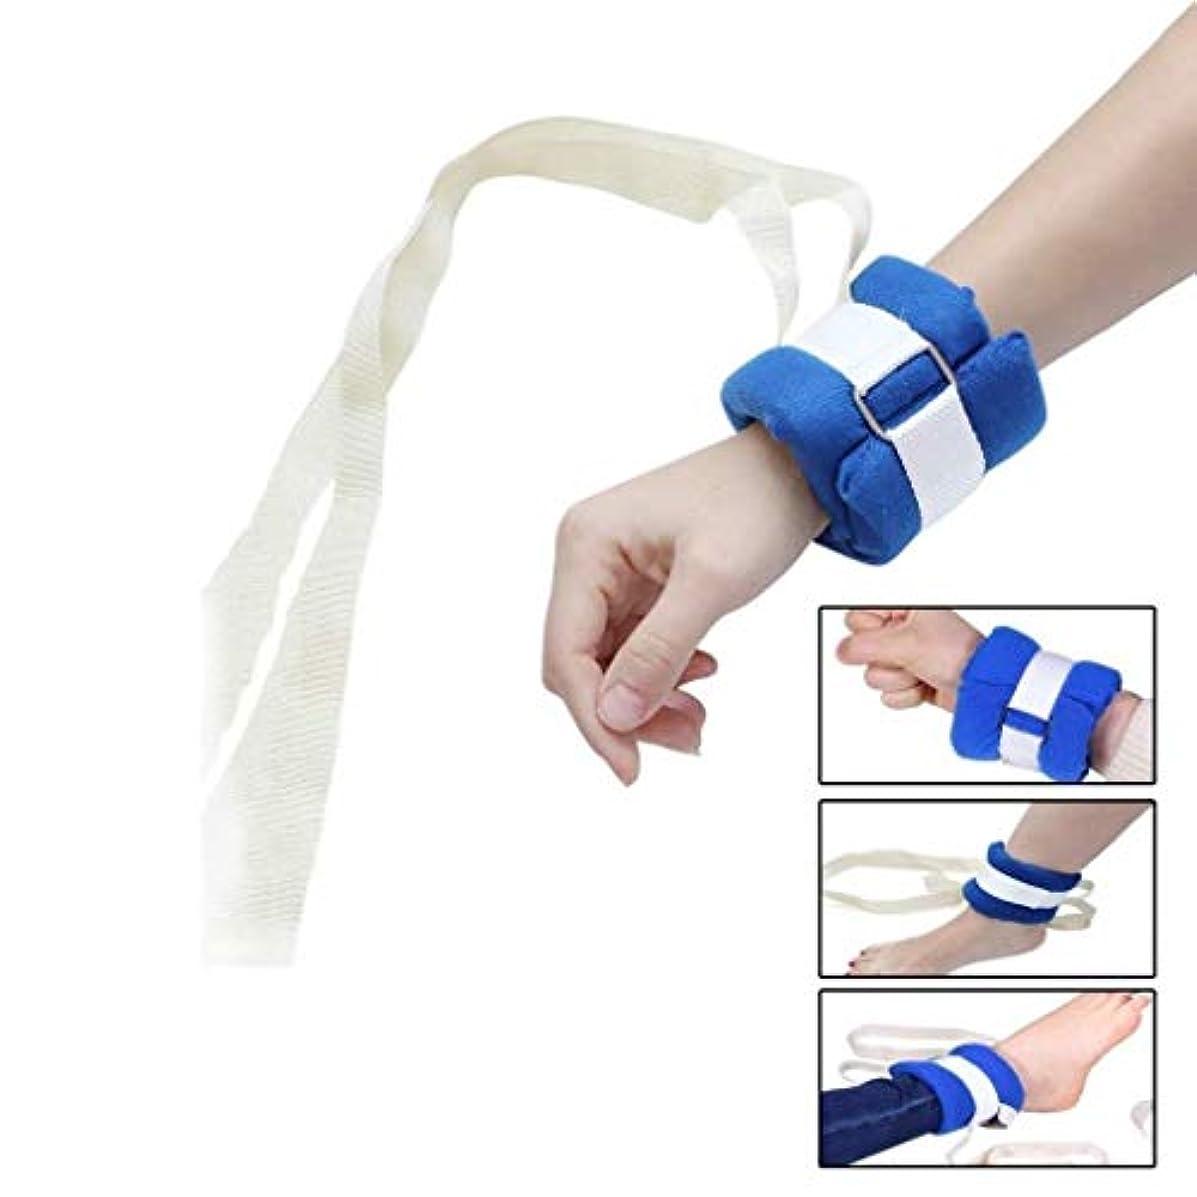 雪成り立つアンタゴニスト手や足のための調節可能な肢ホルダー - 高齢者痴呆ユニバーサル制約制御 - クイックリリース肢ホルダー